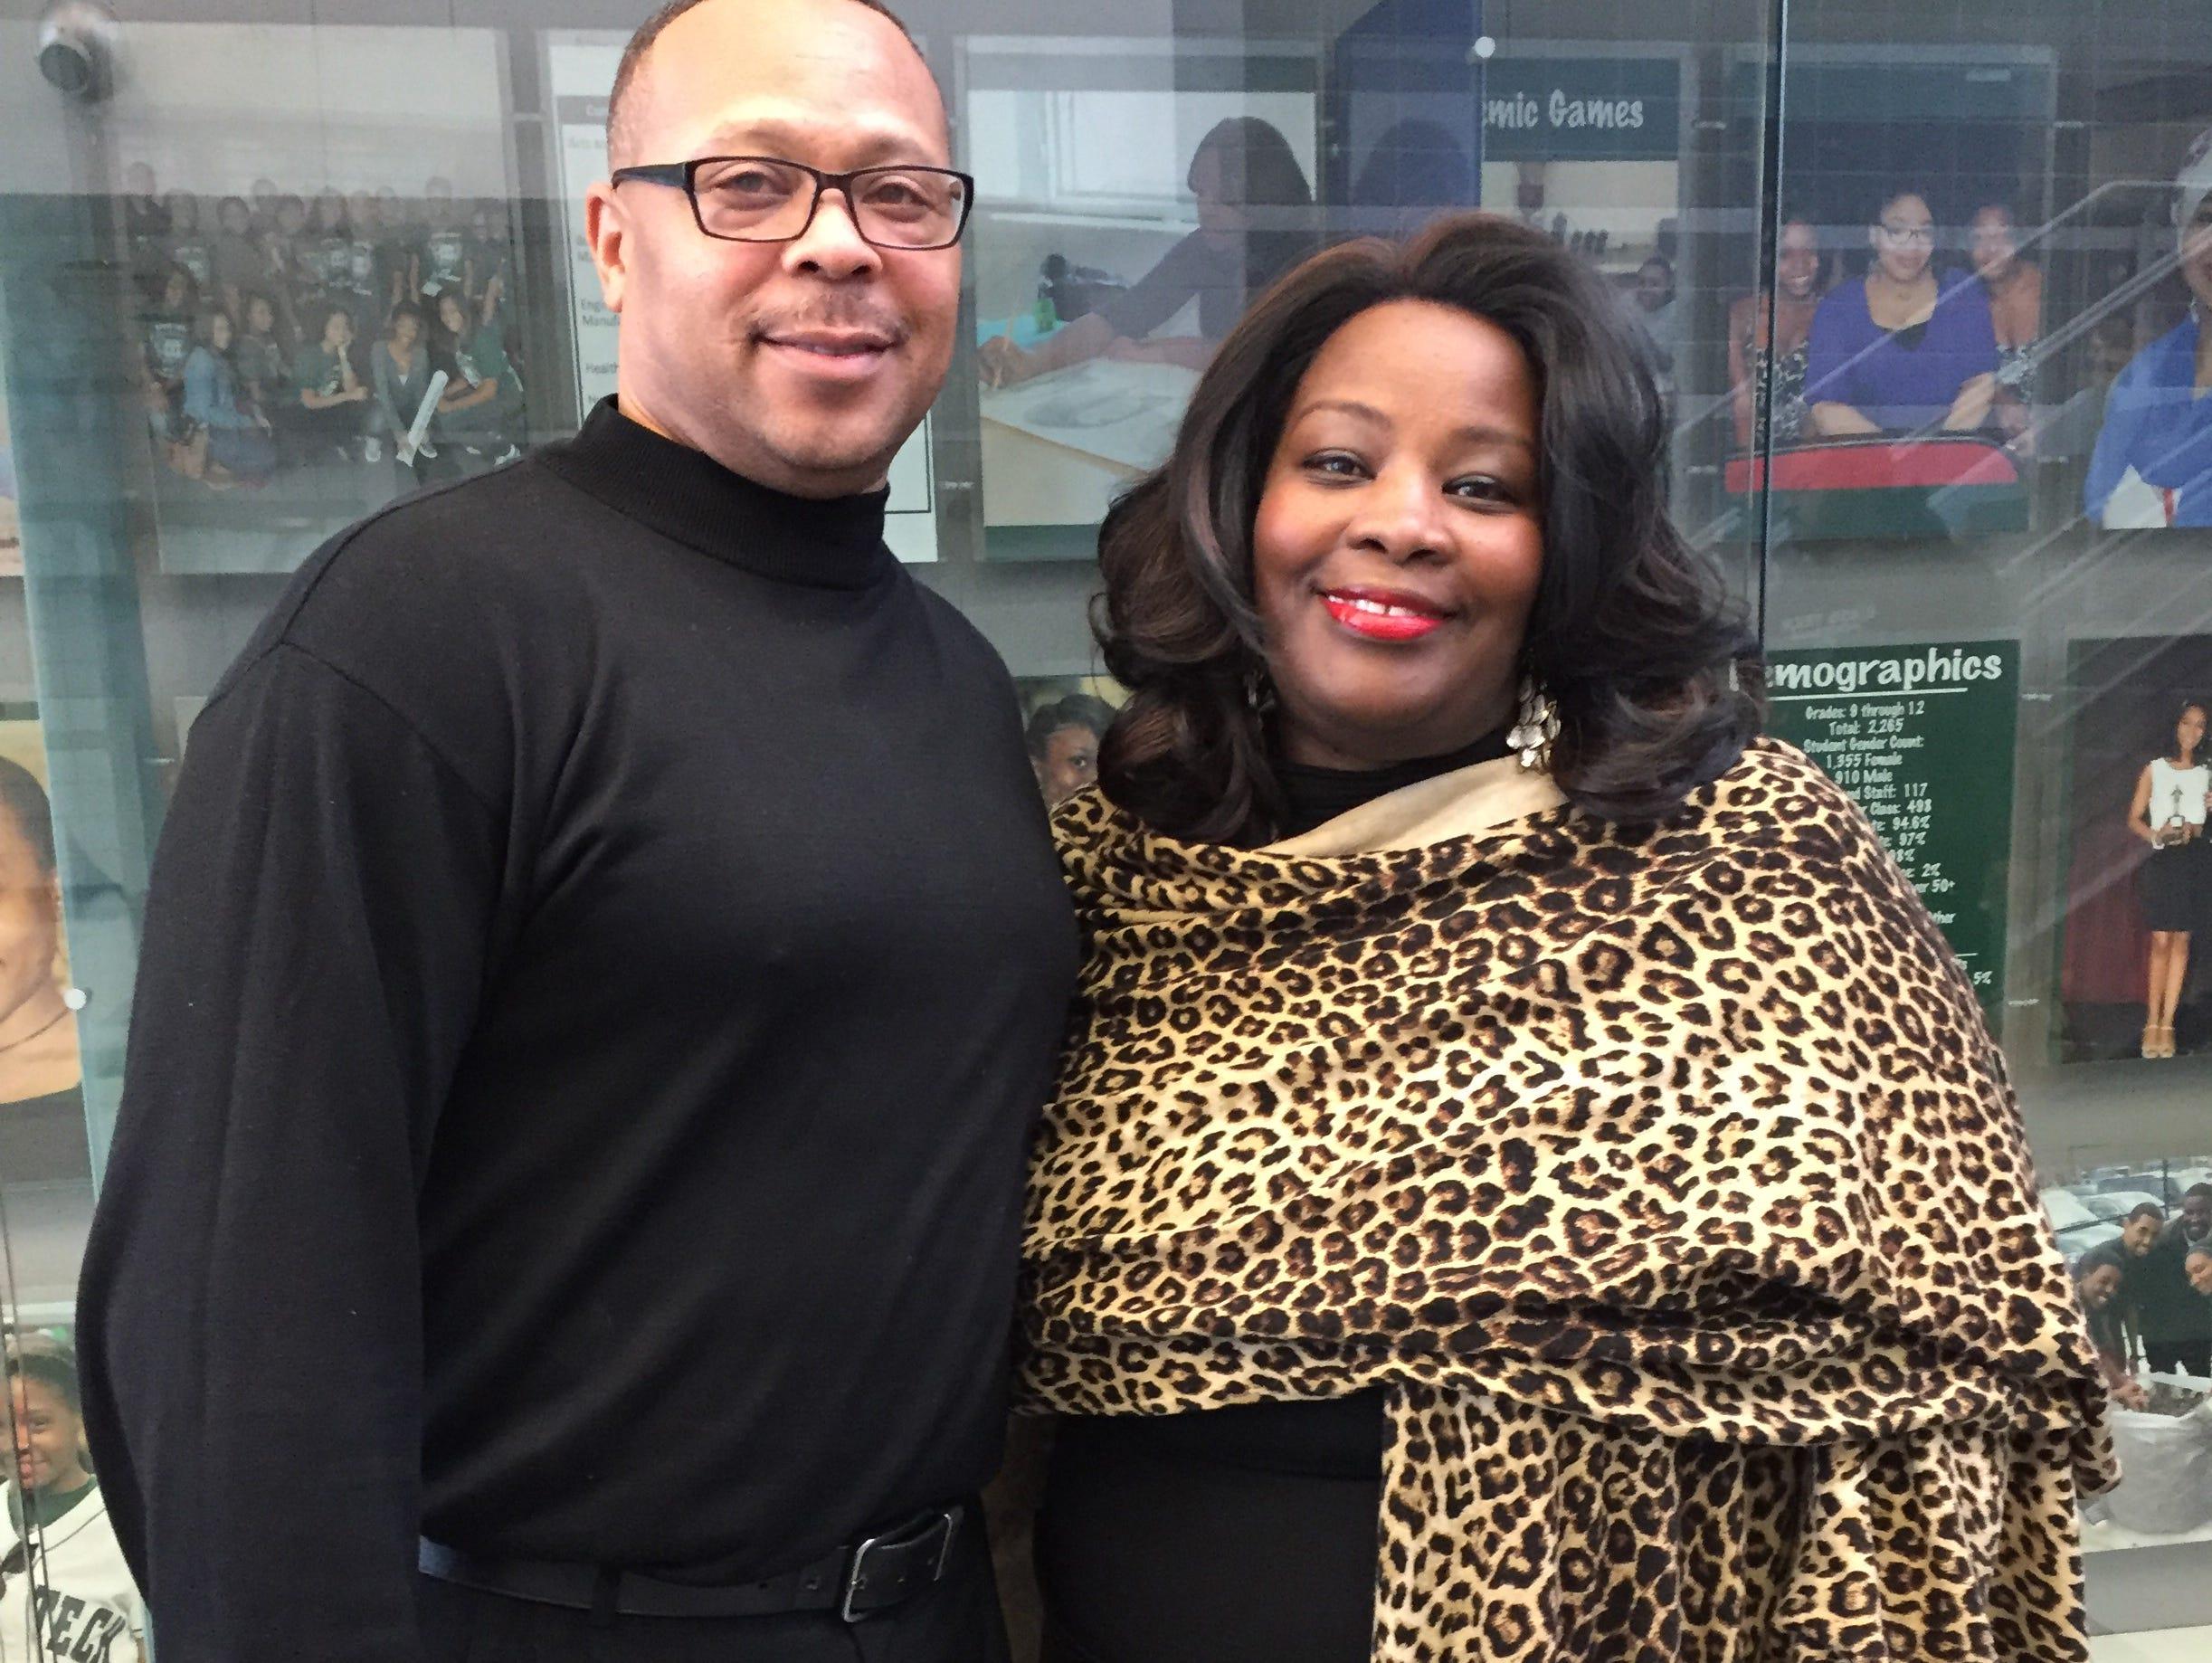 Detroit Cass Tech football coach Thomas Wilcher with school principal Lisa Phillips at Cass Tech in December 2016.